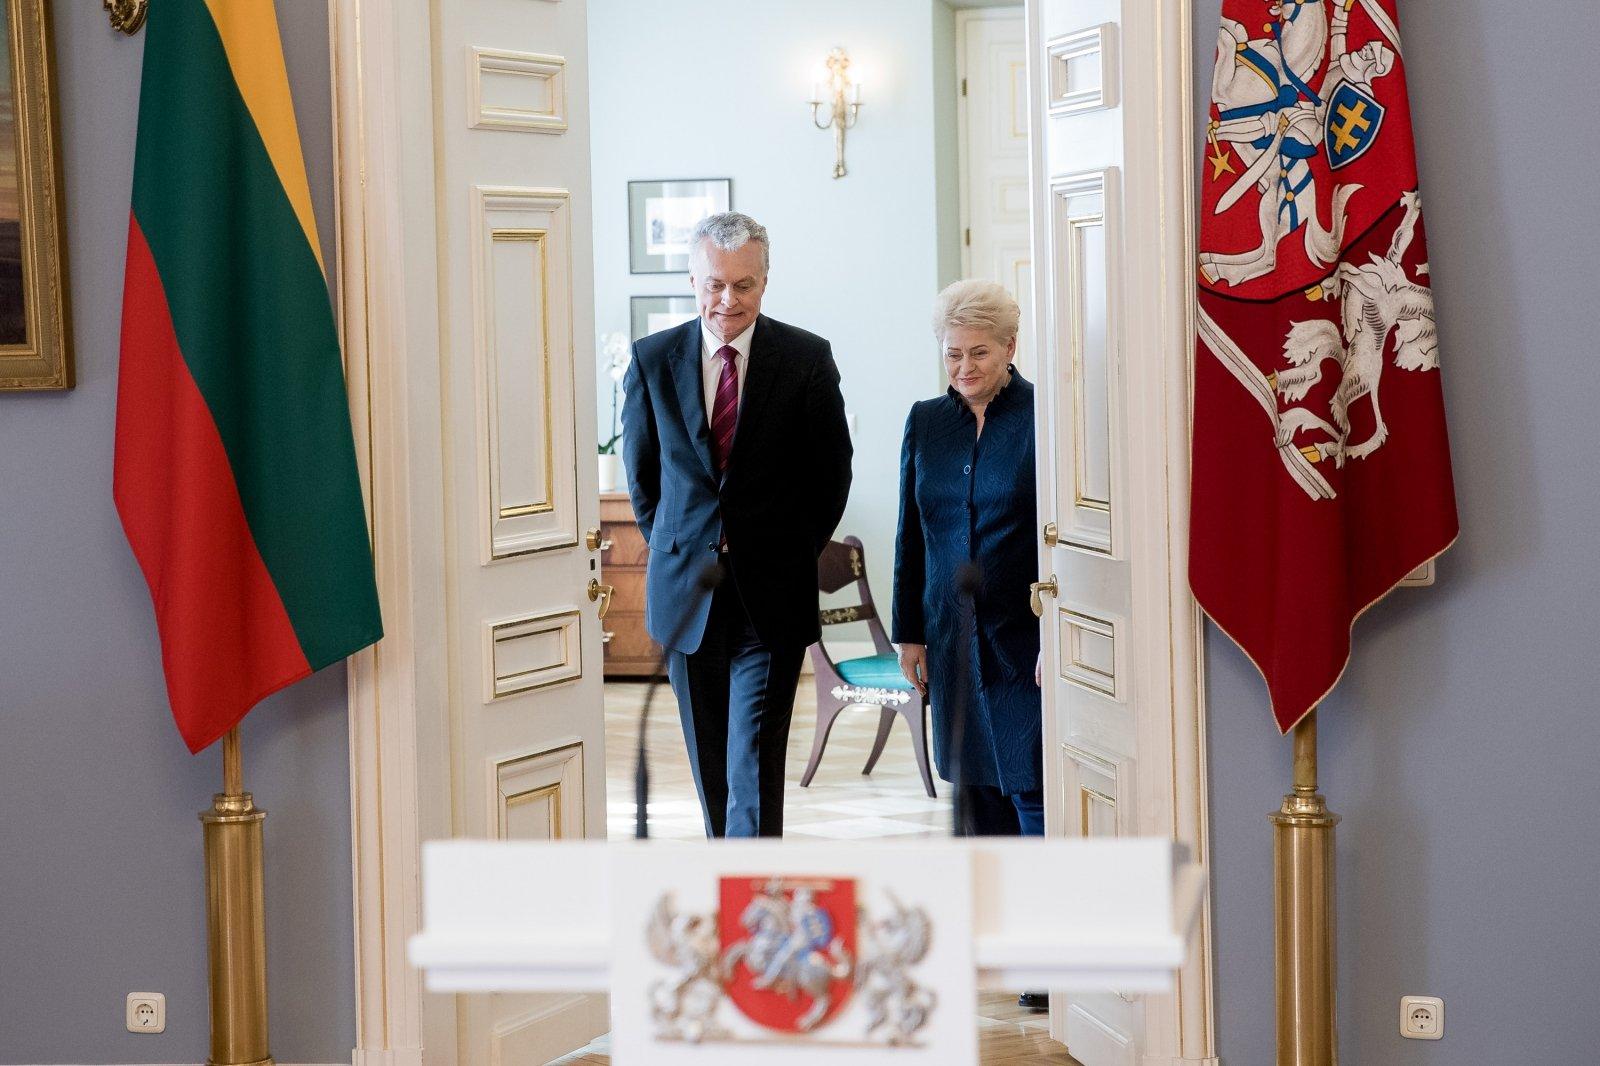 """Vaizdo rezultatas pagal užklausą """"grybauskaitė ir nausėda"""""""